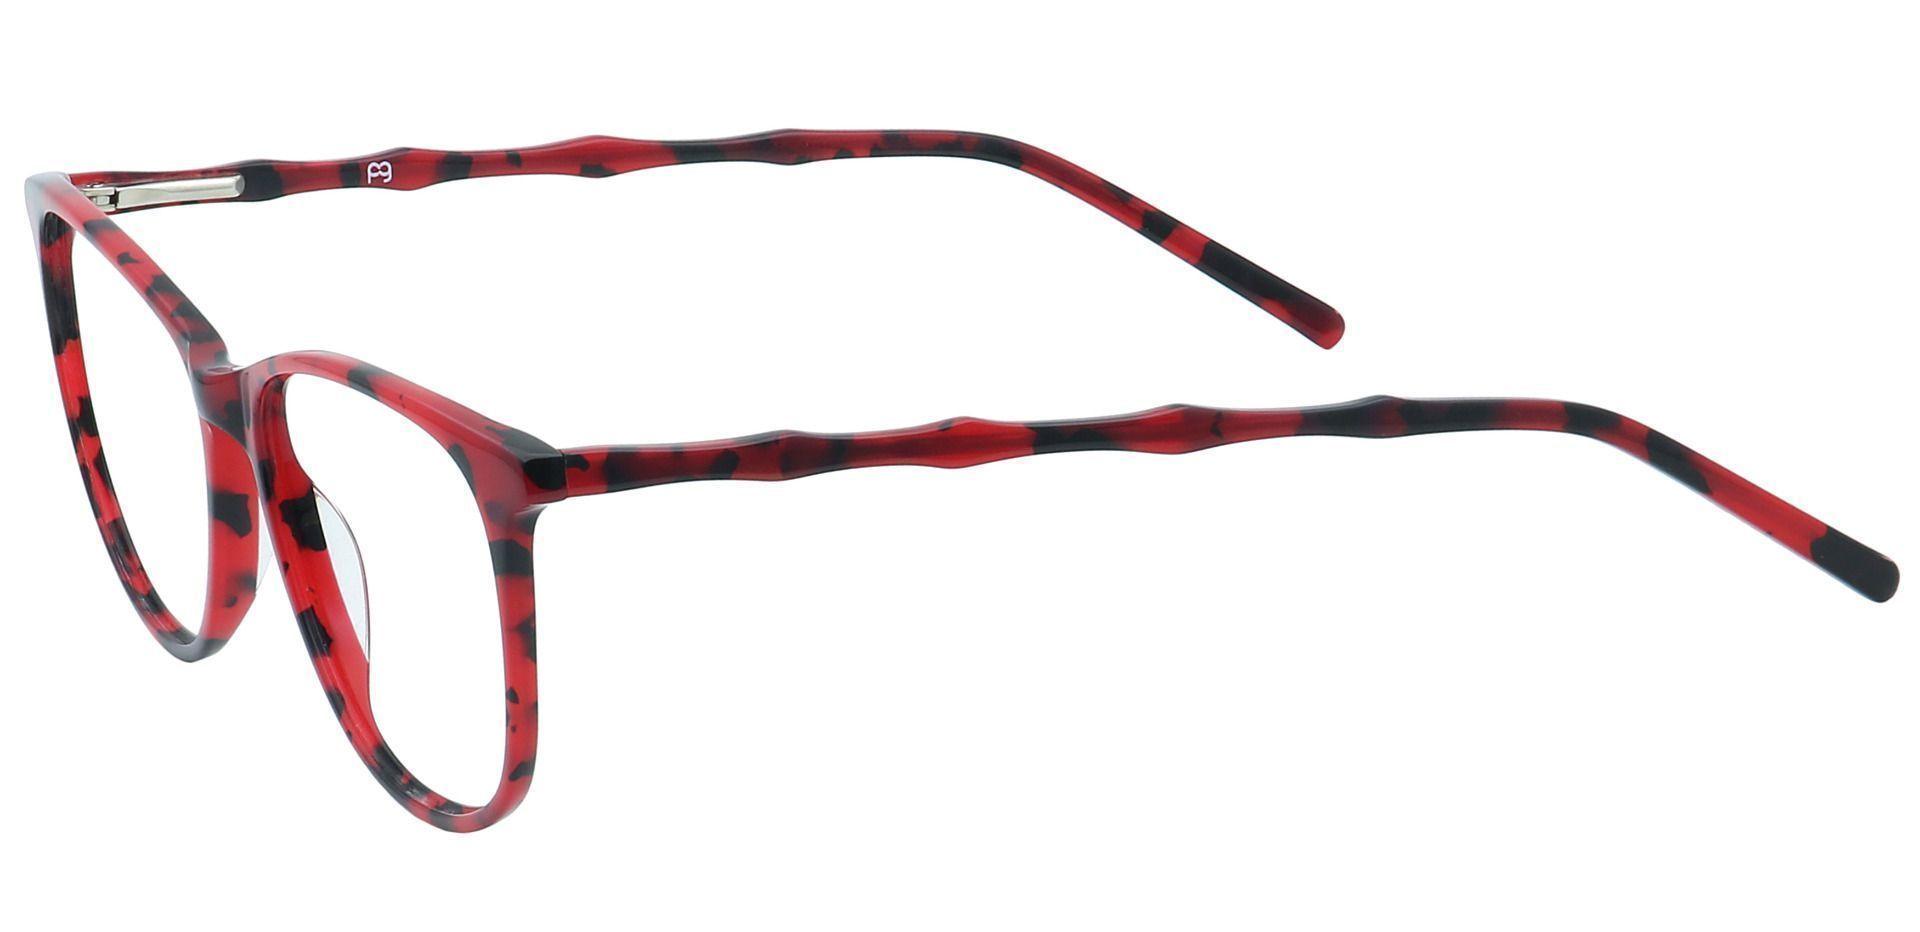 Tawn Oval Prescription Glasses - Red